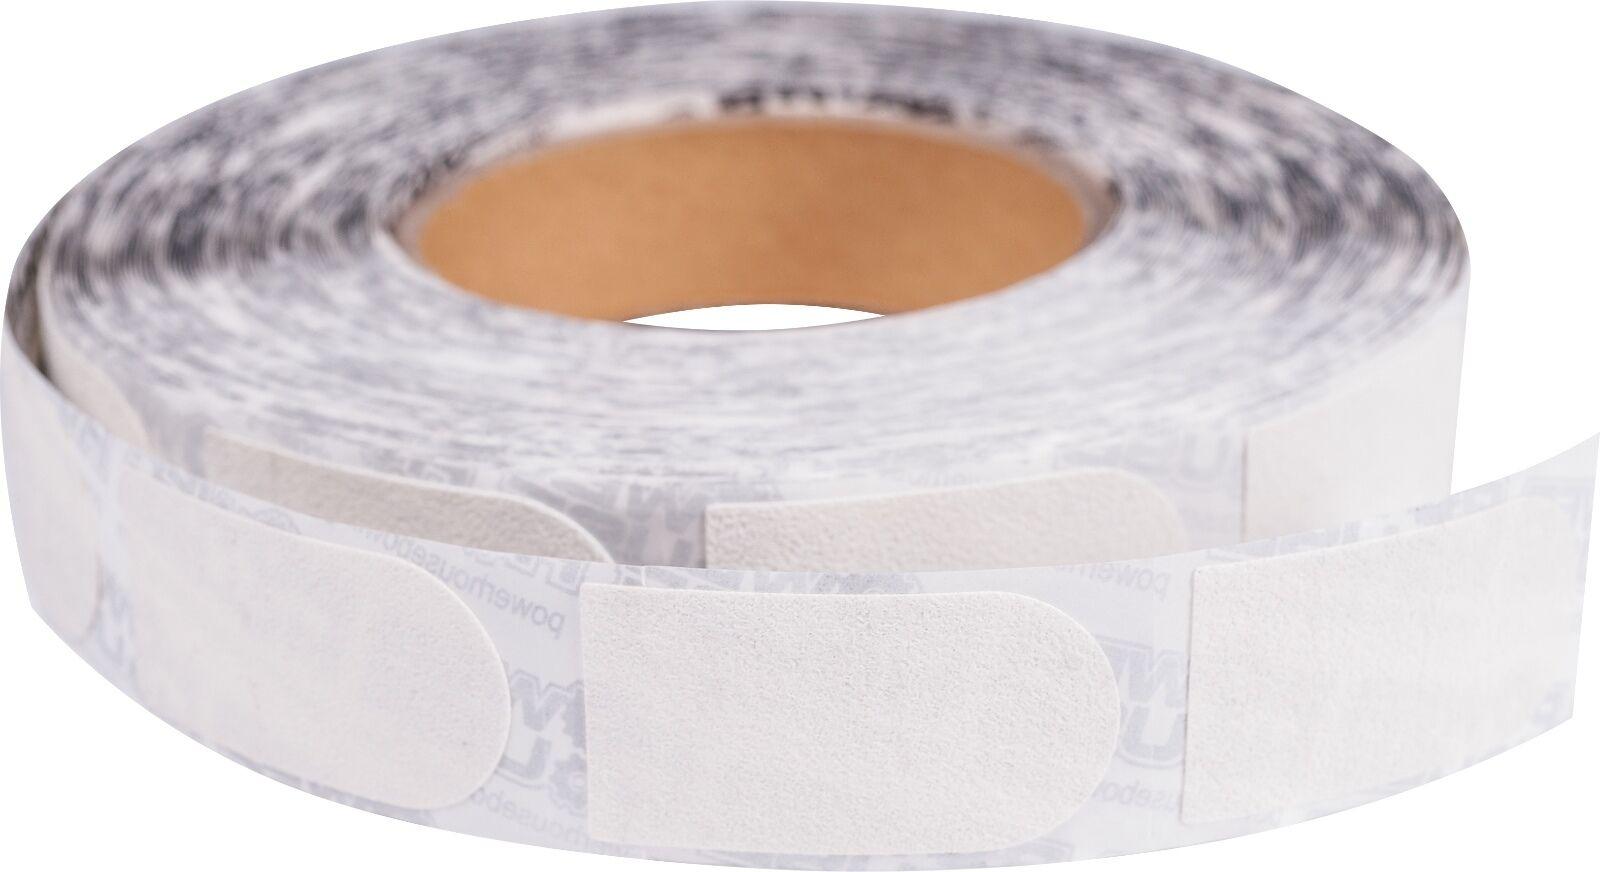 Powerhouse Premium White Tape 1  (500 pieces)